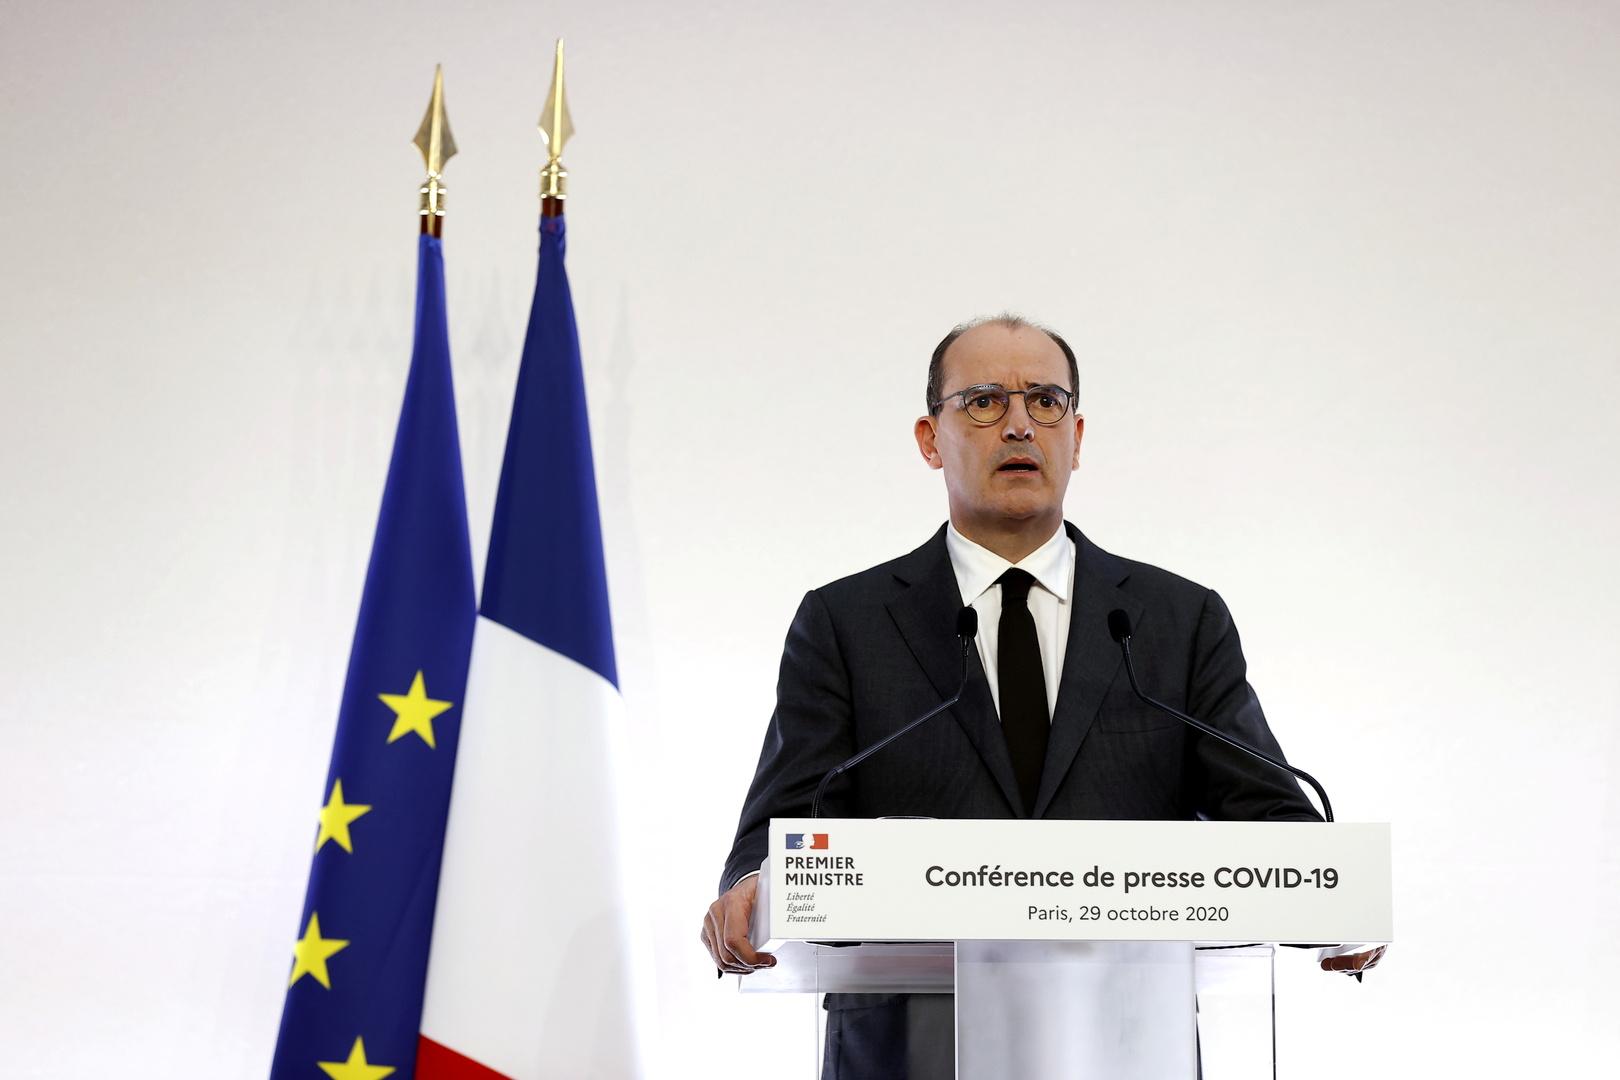 هجوم ليون.. رئيس وزراء فرنسا يعود بشكل عاجل إلى باريس والداخلية تشكل خلية أزمة